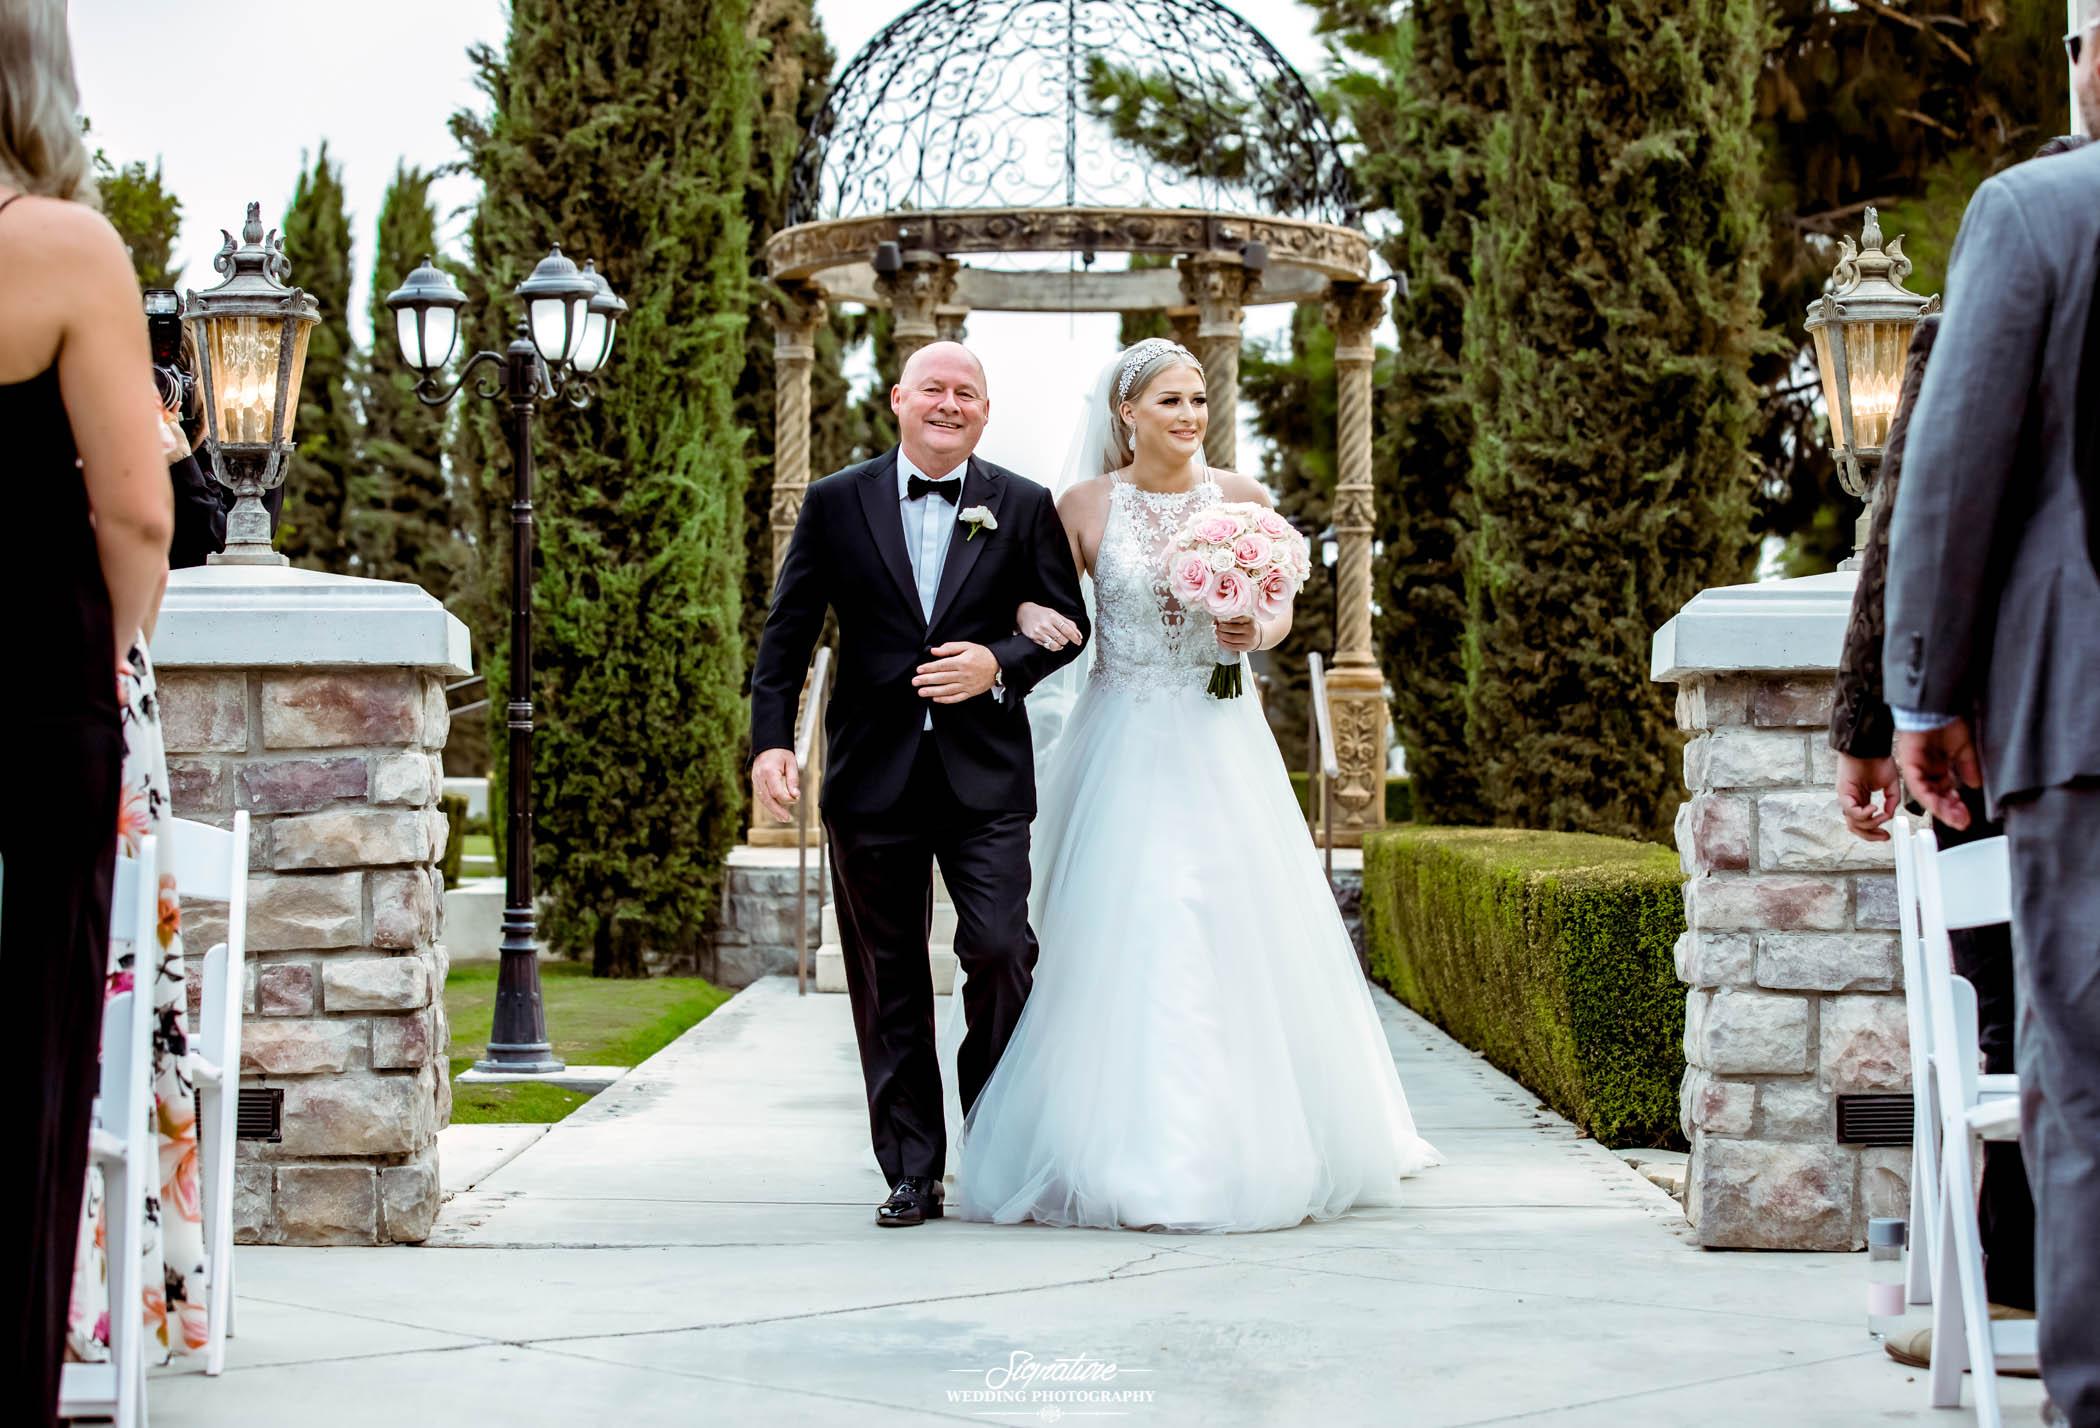 wedding ceremony photos 13